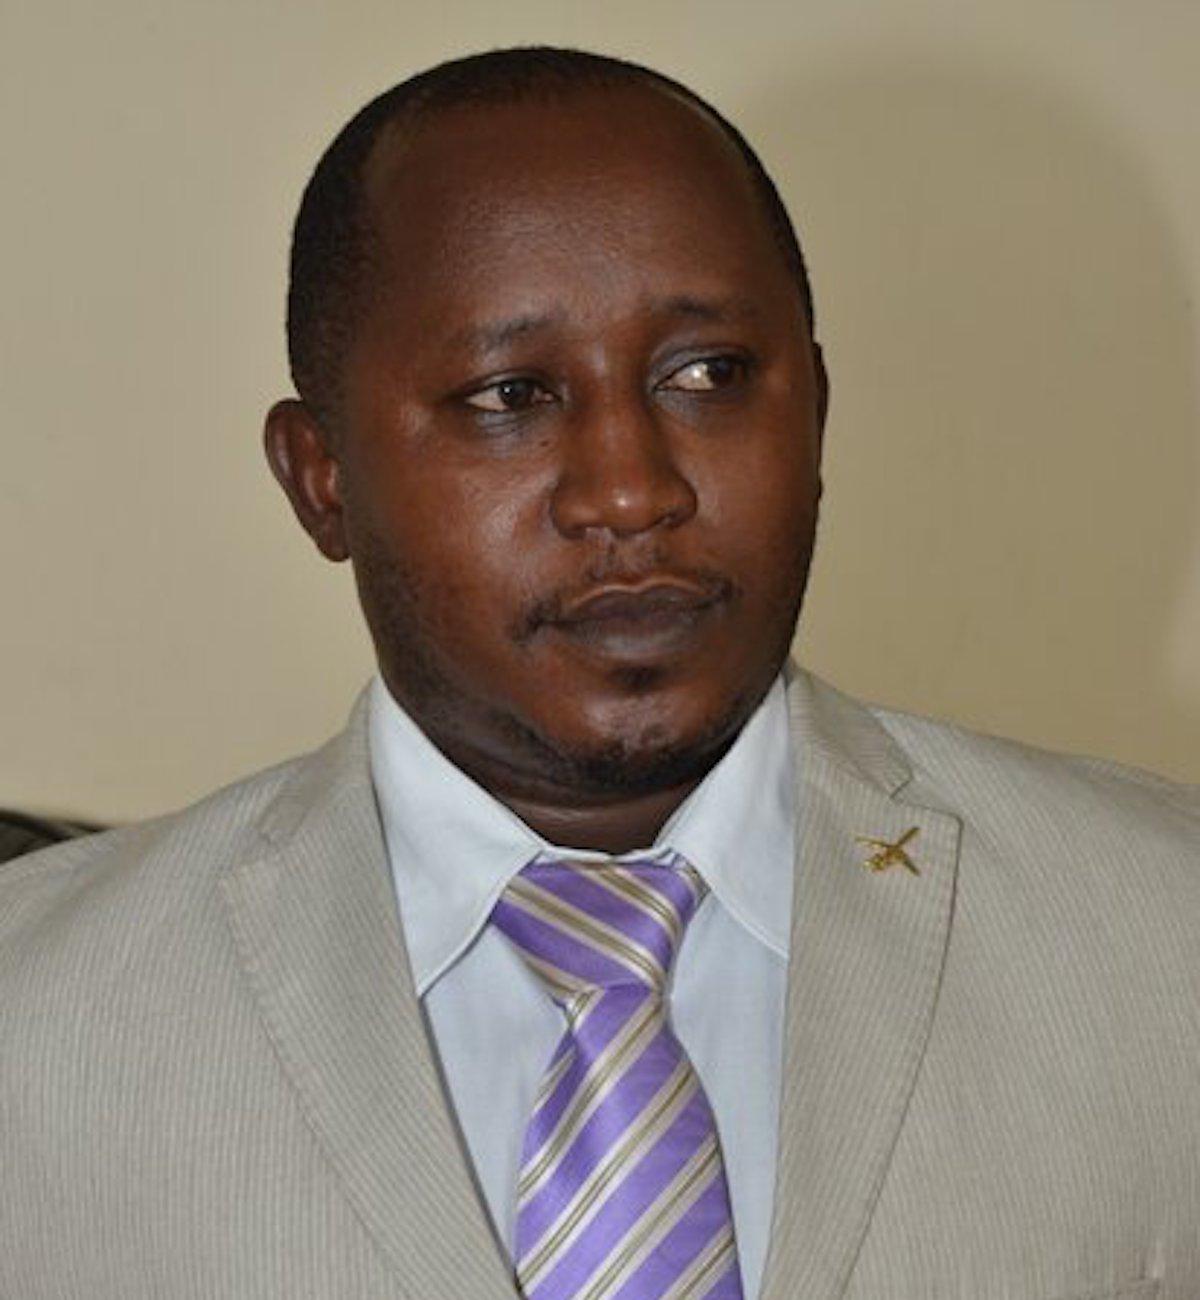 Jean-Claude Karerwa Ndenzako